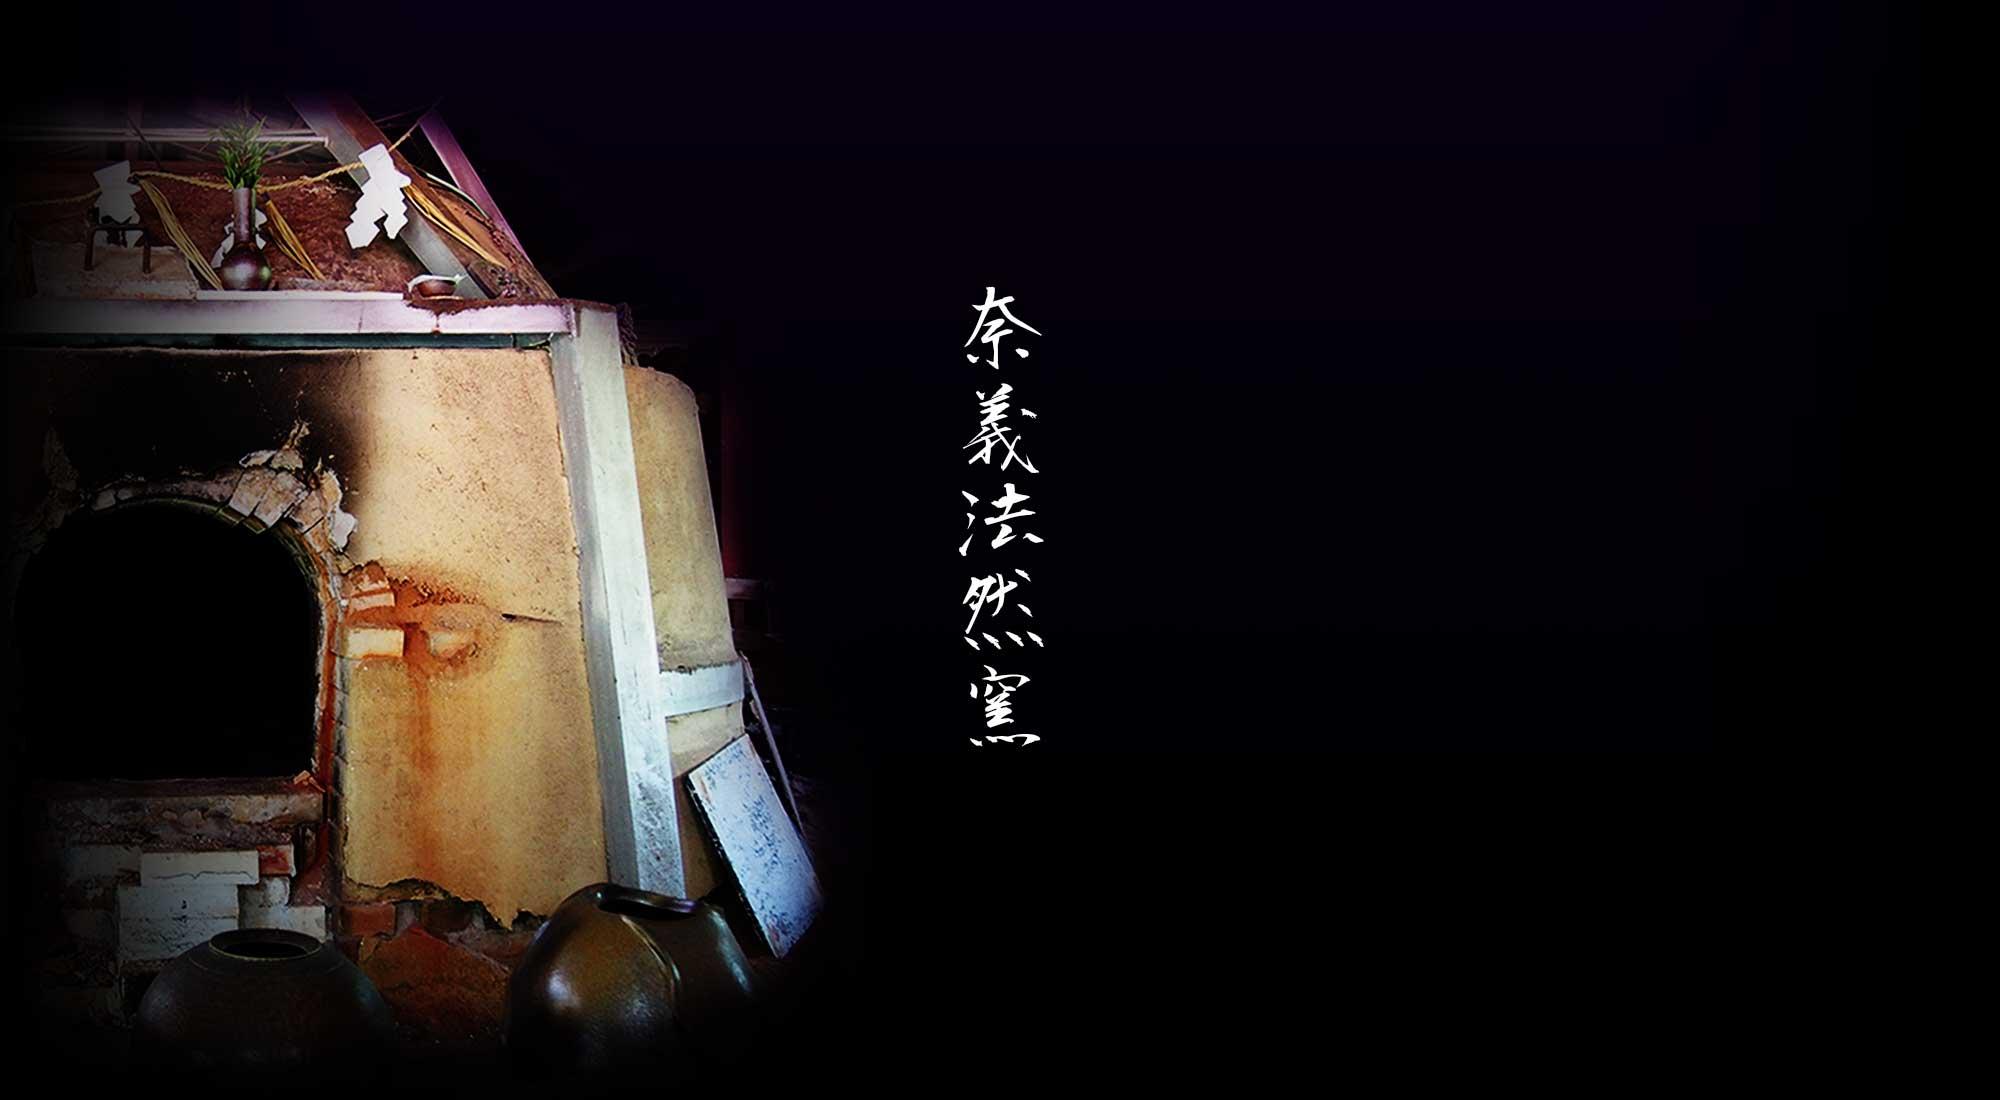 備前焼|奈義法然窯